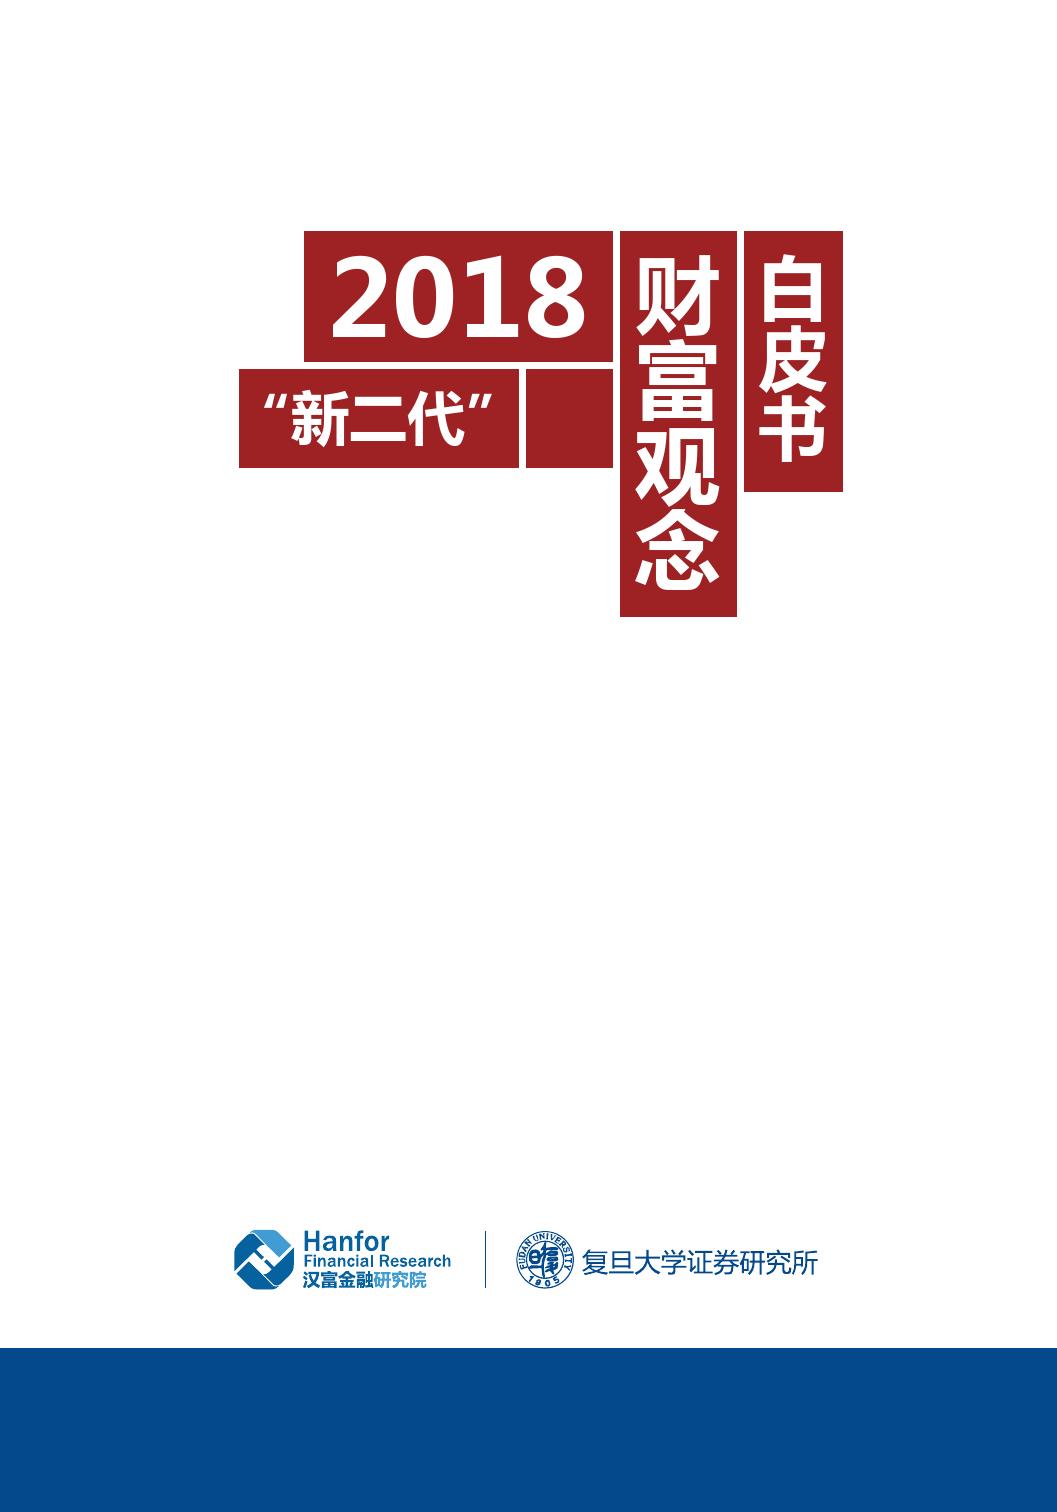 """汉富控股&复旦大学证券研究所:2018""""新二代""""财富观念白皮书"""